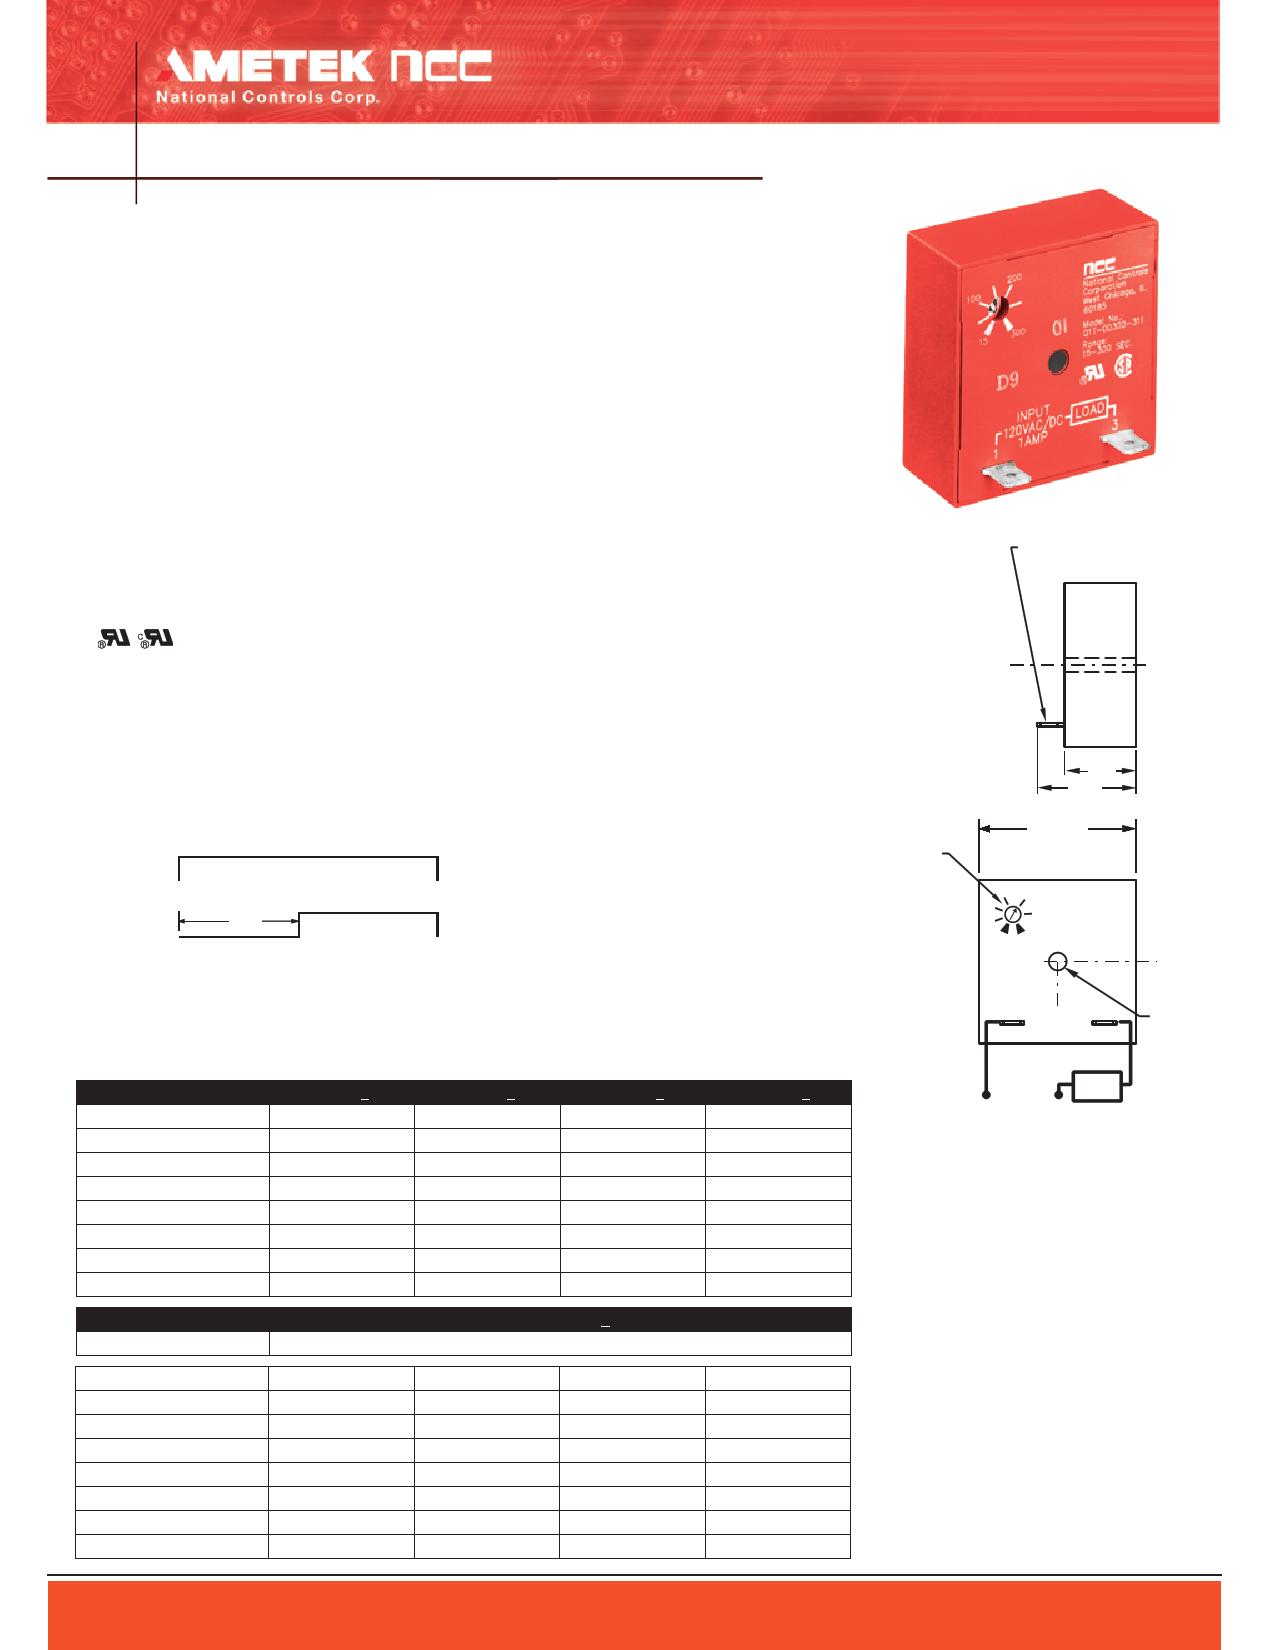 Q1T-00010-315 datasheet